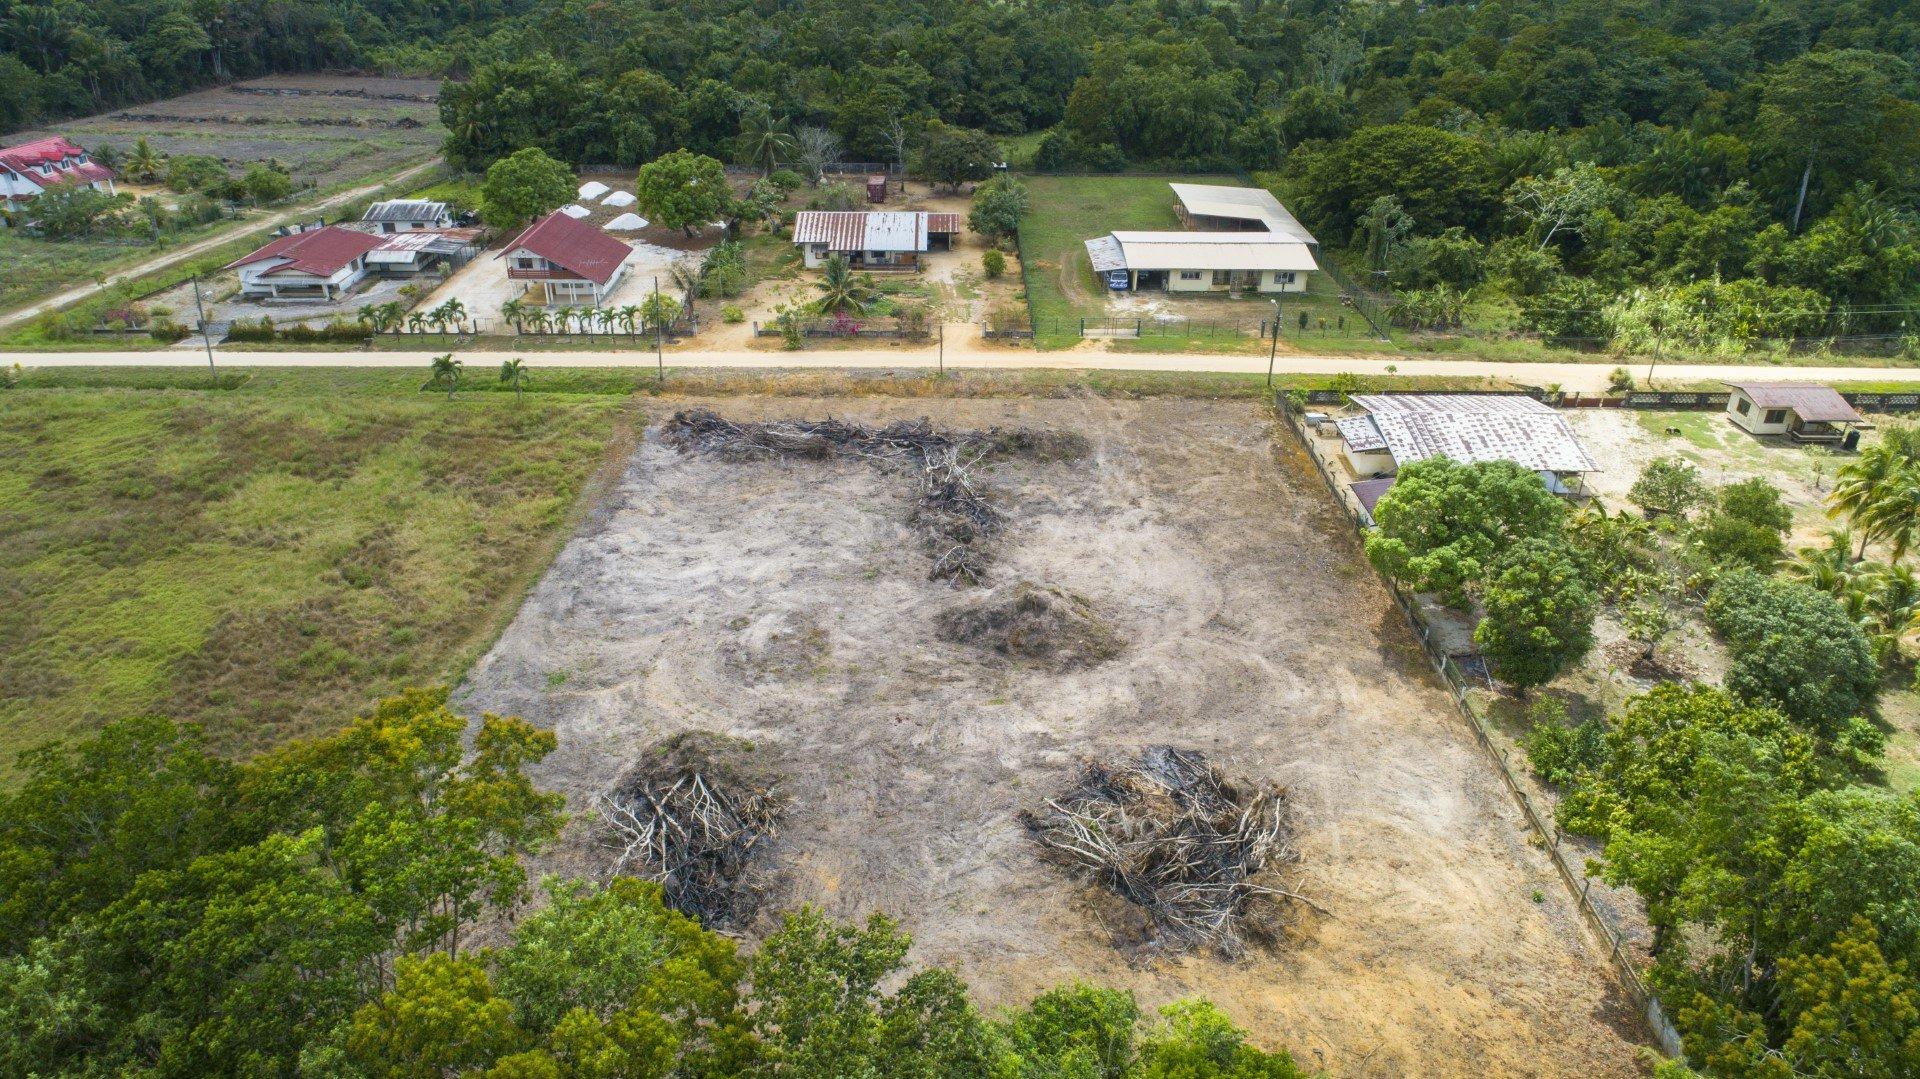 Talsmastraat 47 - Highway - Suriname - Surgoed Makelaardij NV